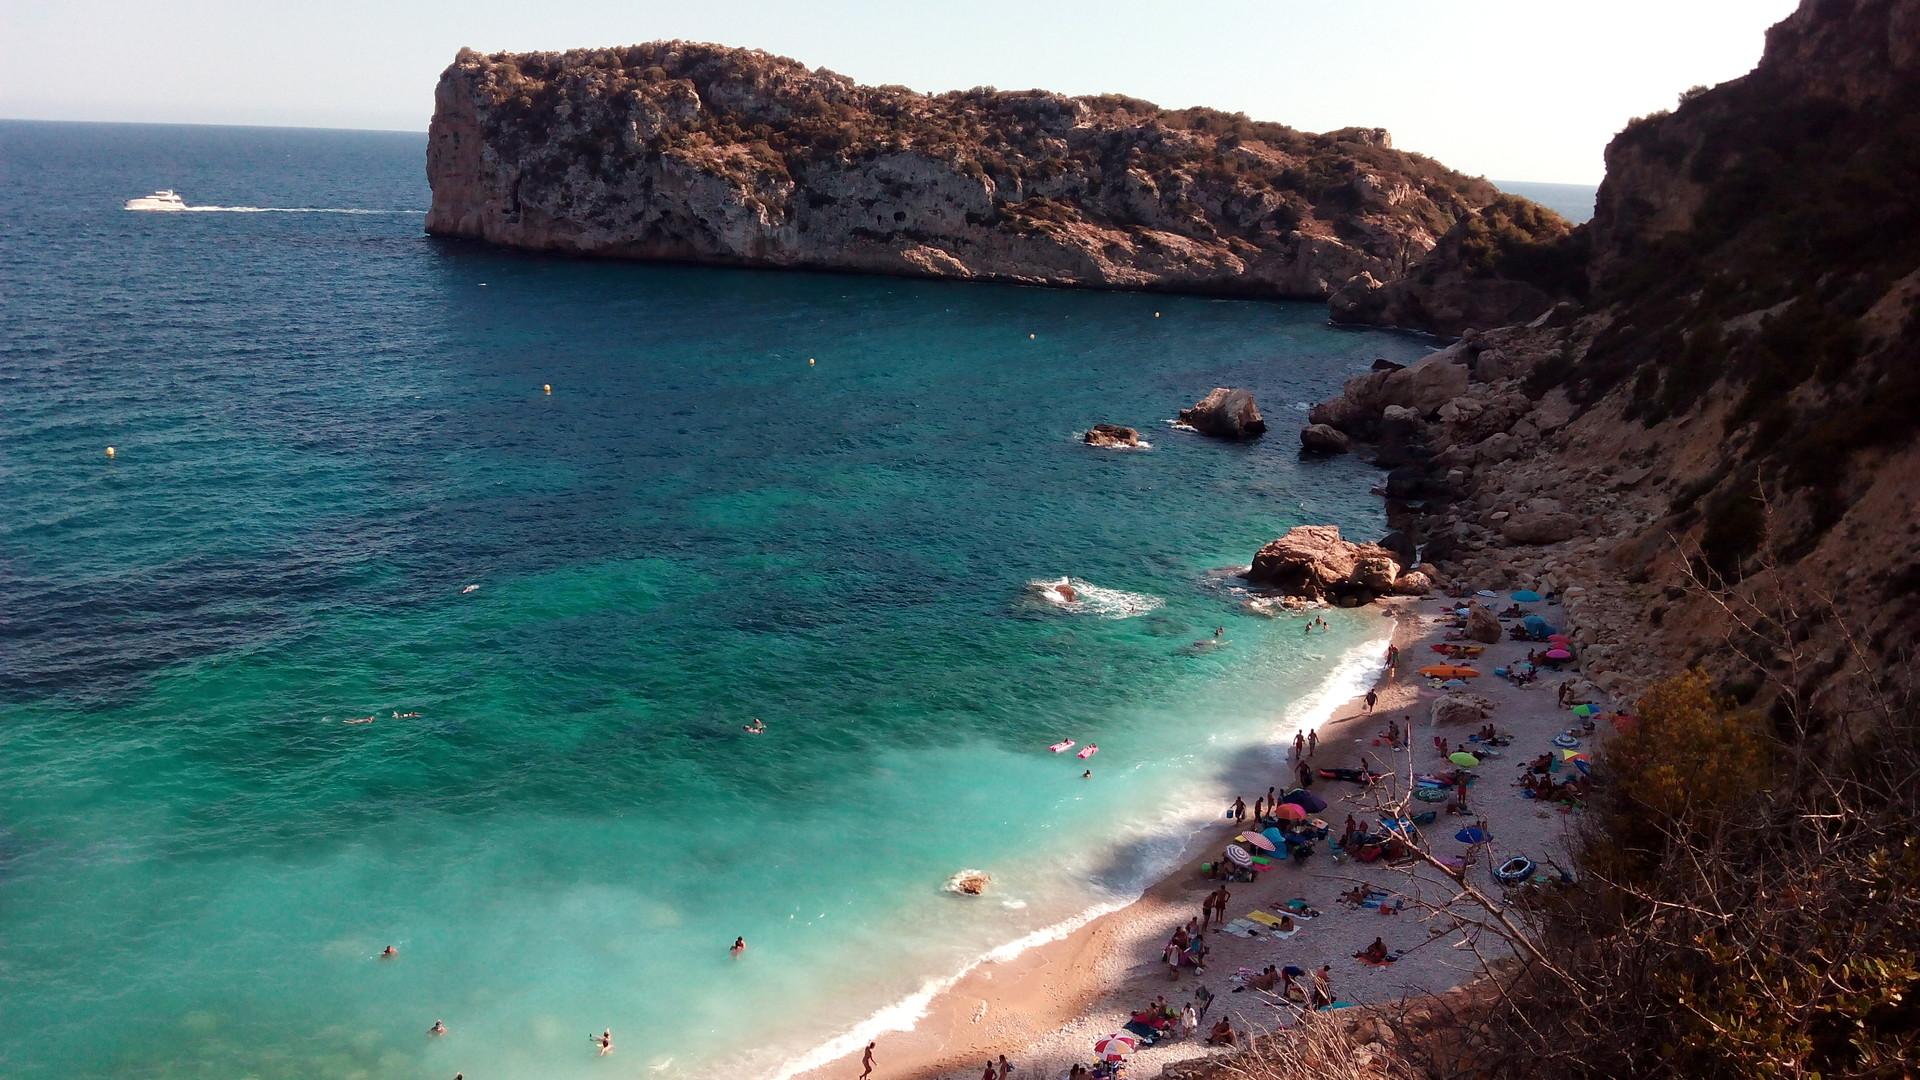 playas-desconocidas-alicante-c56c24fa328